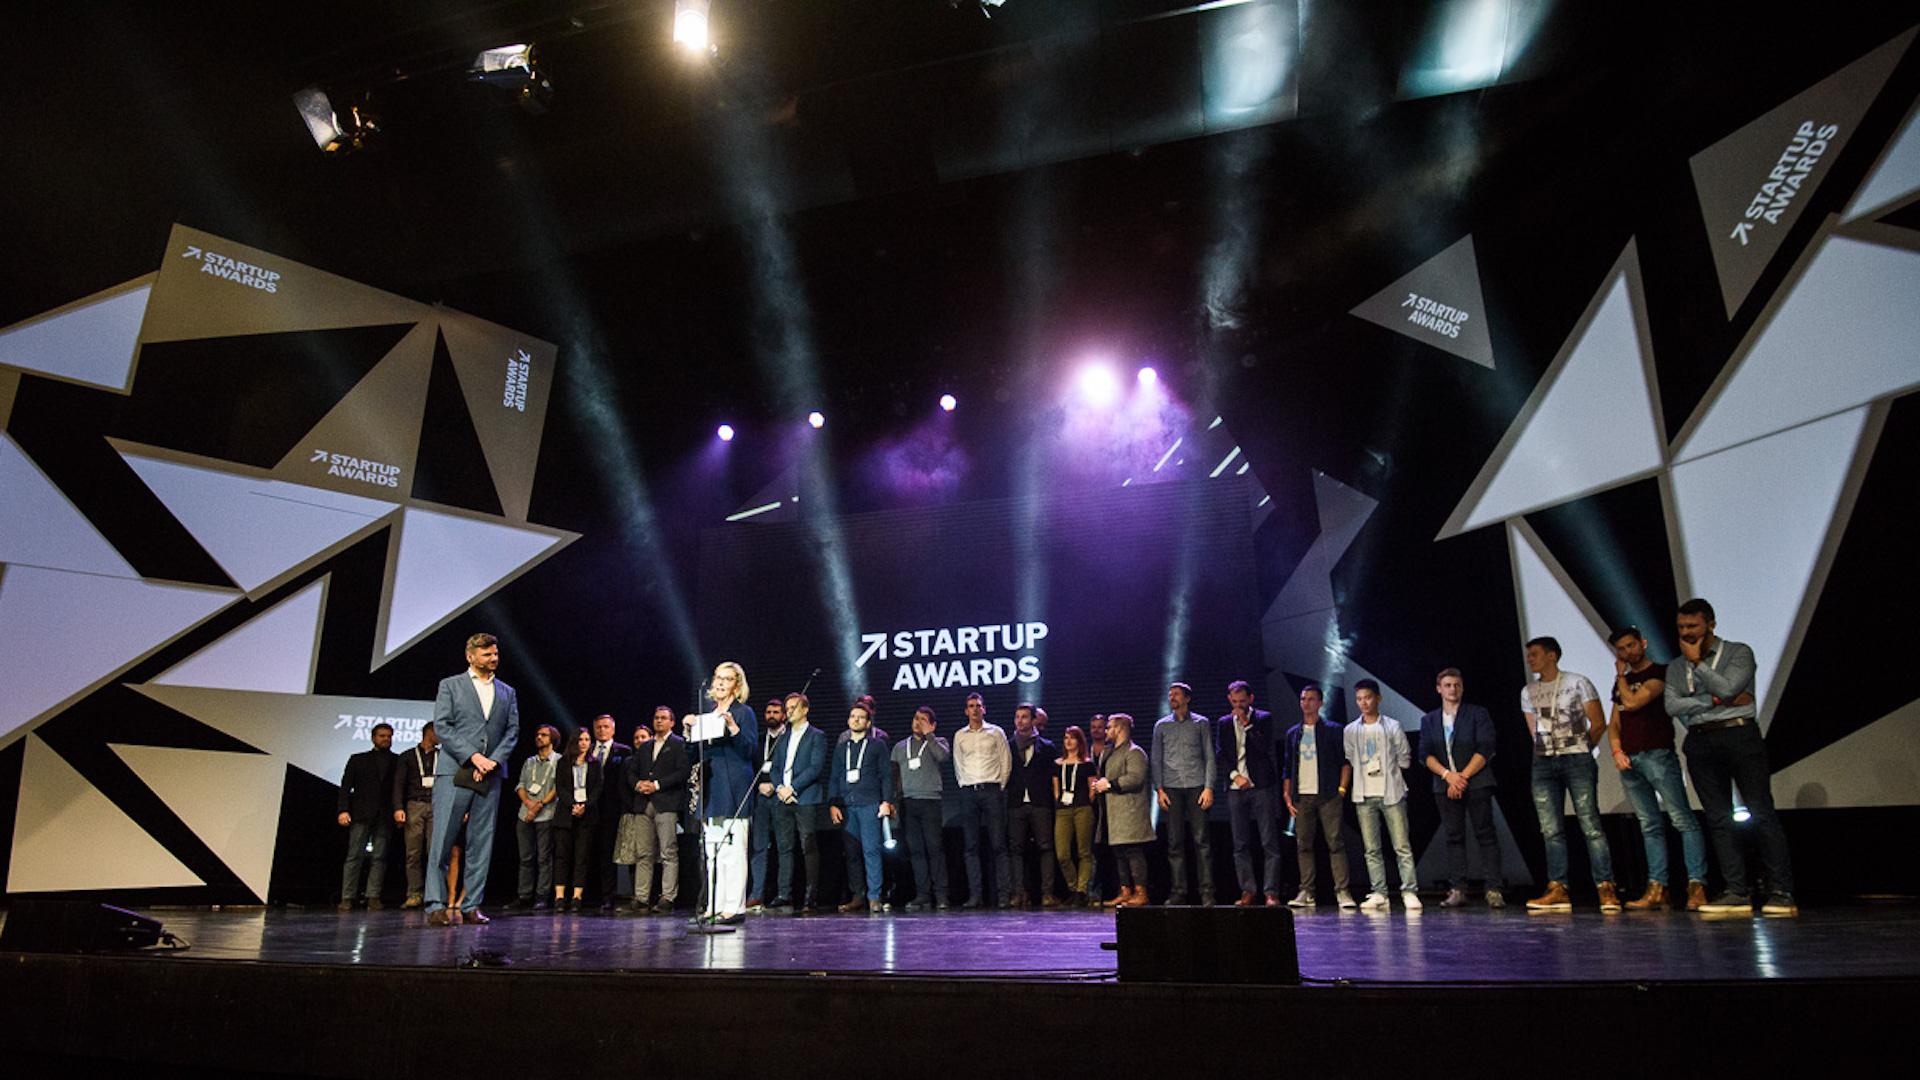 Soutěž Startup Awards je letos otevřena pro startupy z celé střední Evropy